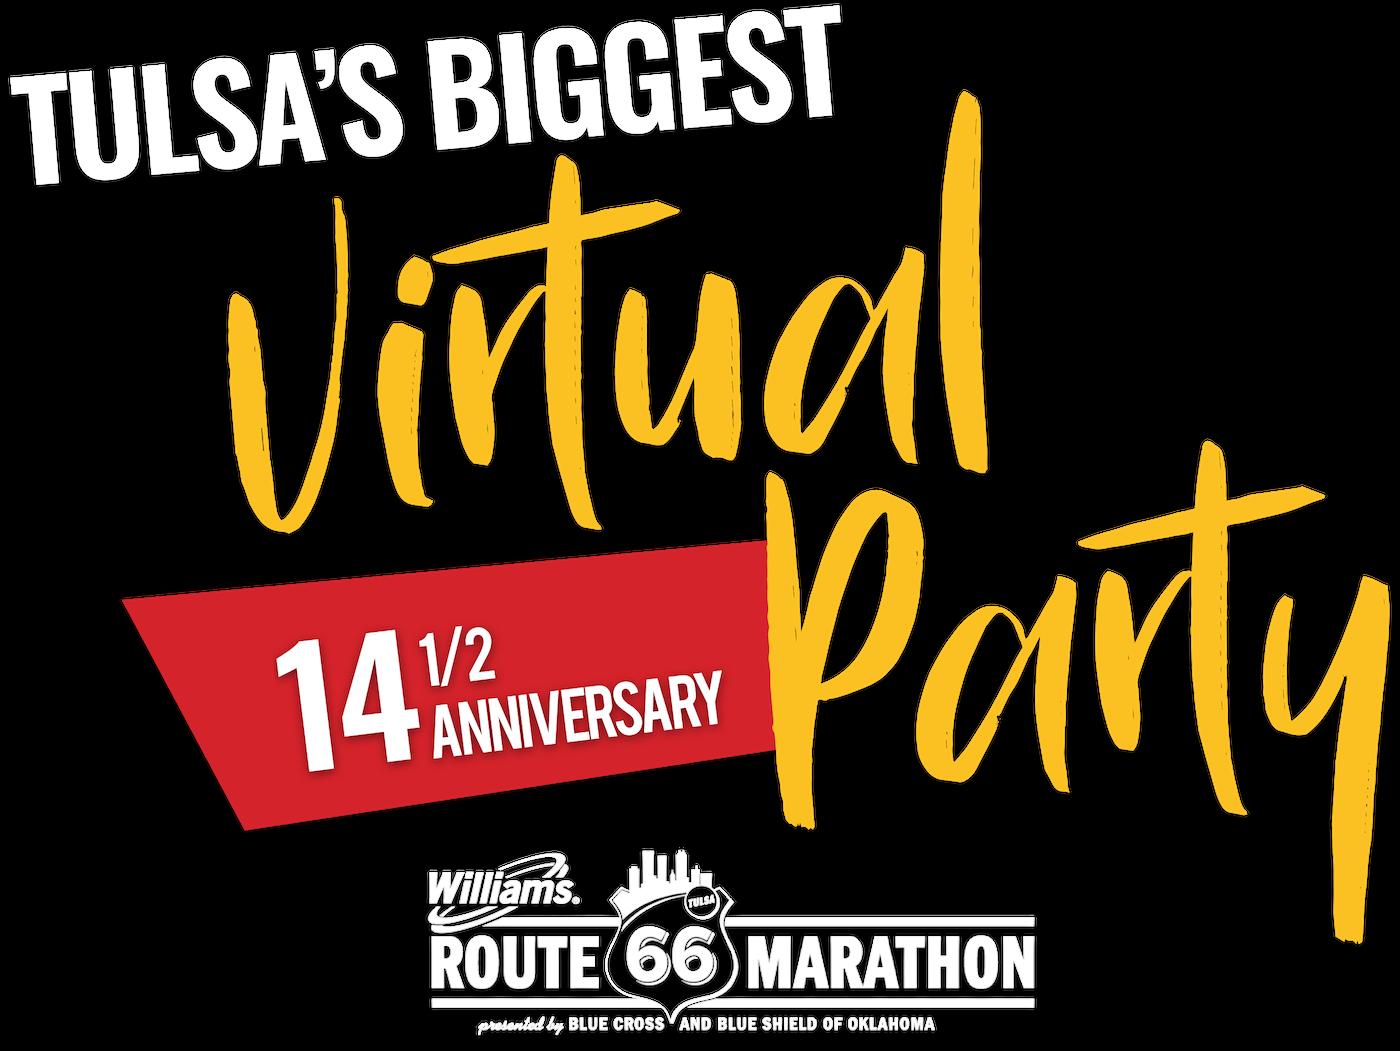 Route 66 Marathon